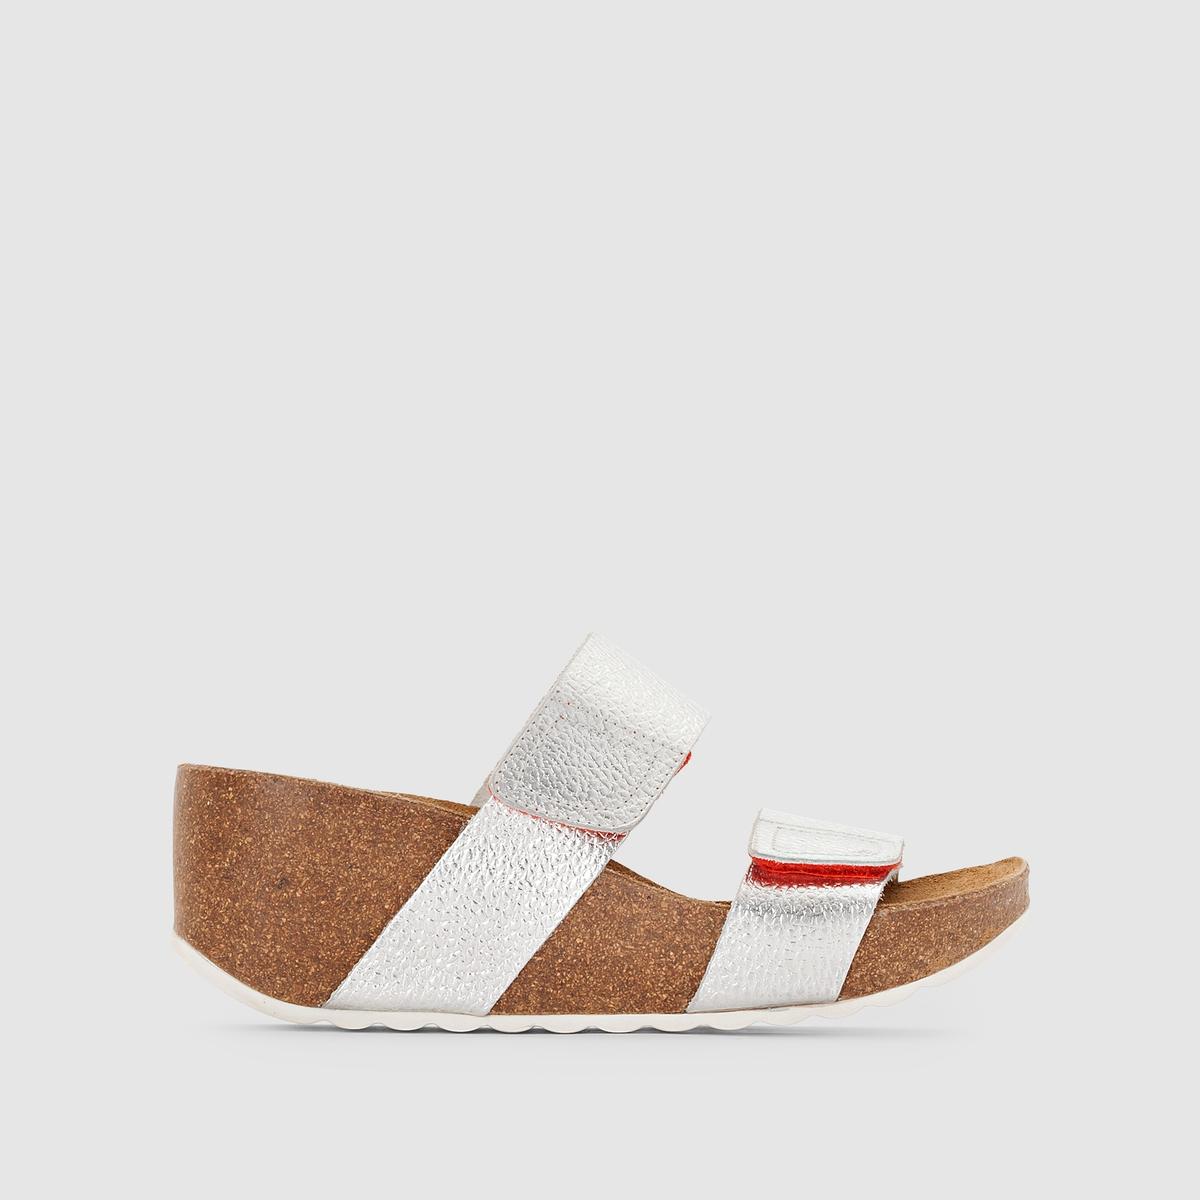 Туфли без задника Belsana, Hush PuppiesМодная модель на платформе, отличная кожа с металлическим блеском, широкие планки-велкро : туфли без задника, которые легко и быстро снять !<br><br>Цвет: черный<br>Размер: 37